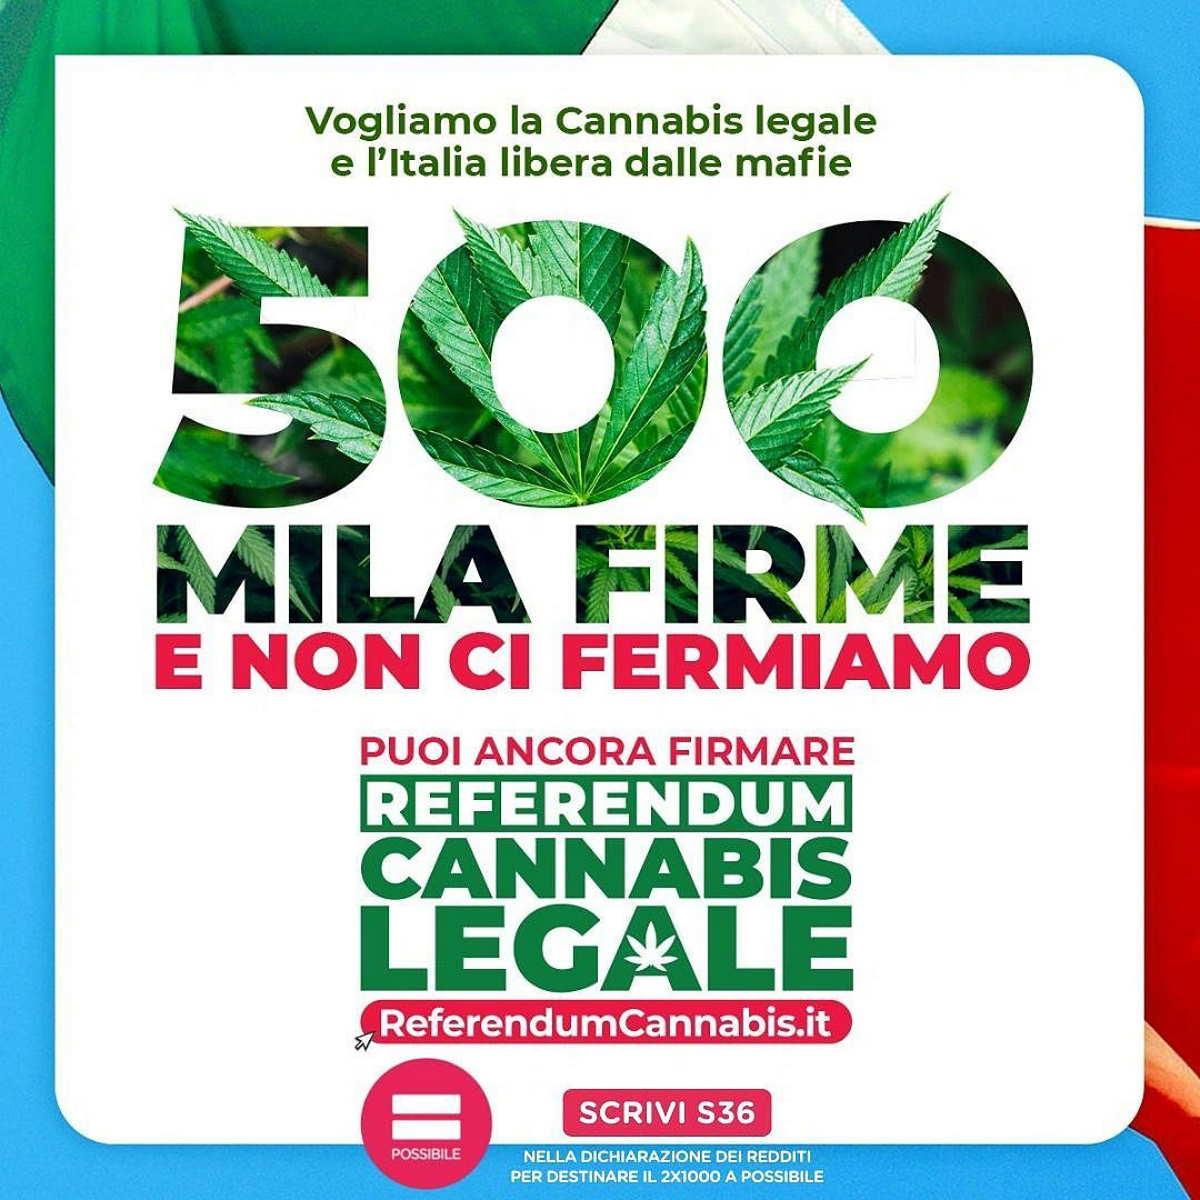 Il referendum per legalizzare la cannabis raggiunge il traguardo delle 500mile firme in appena una settimana